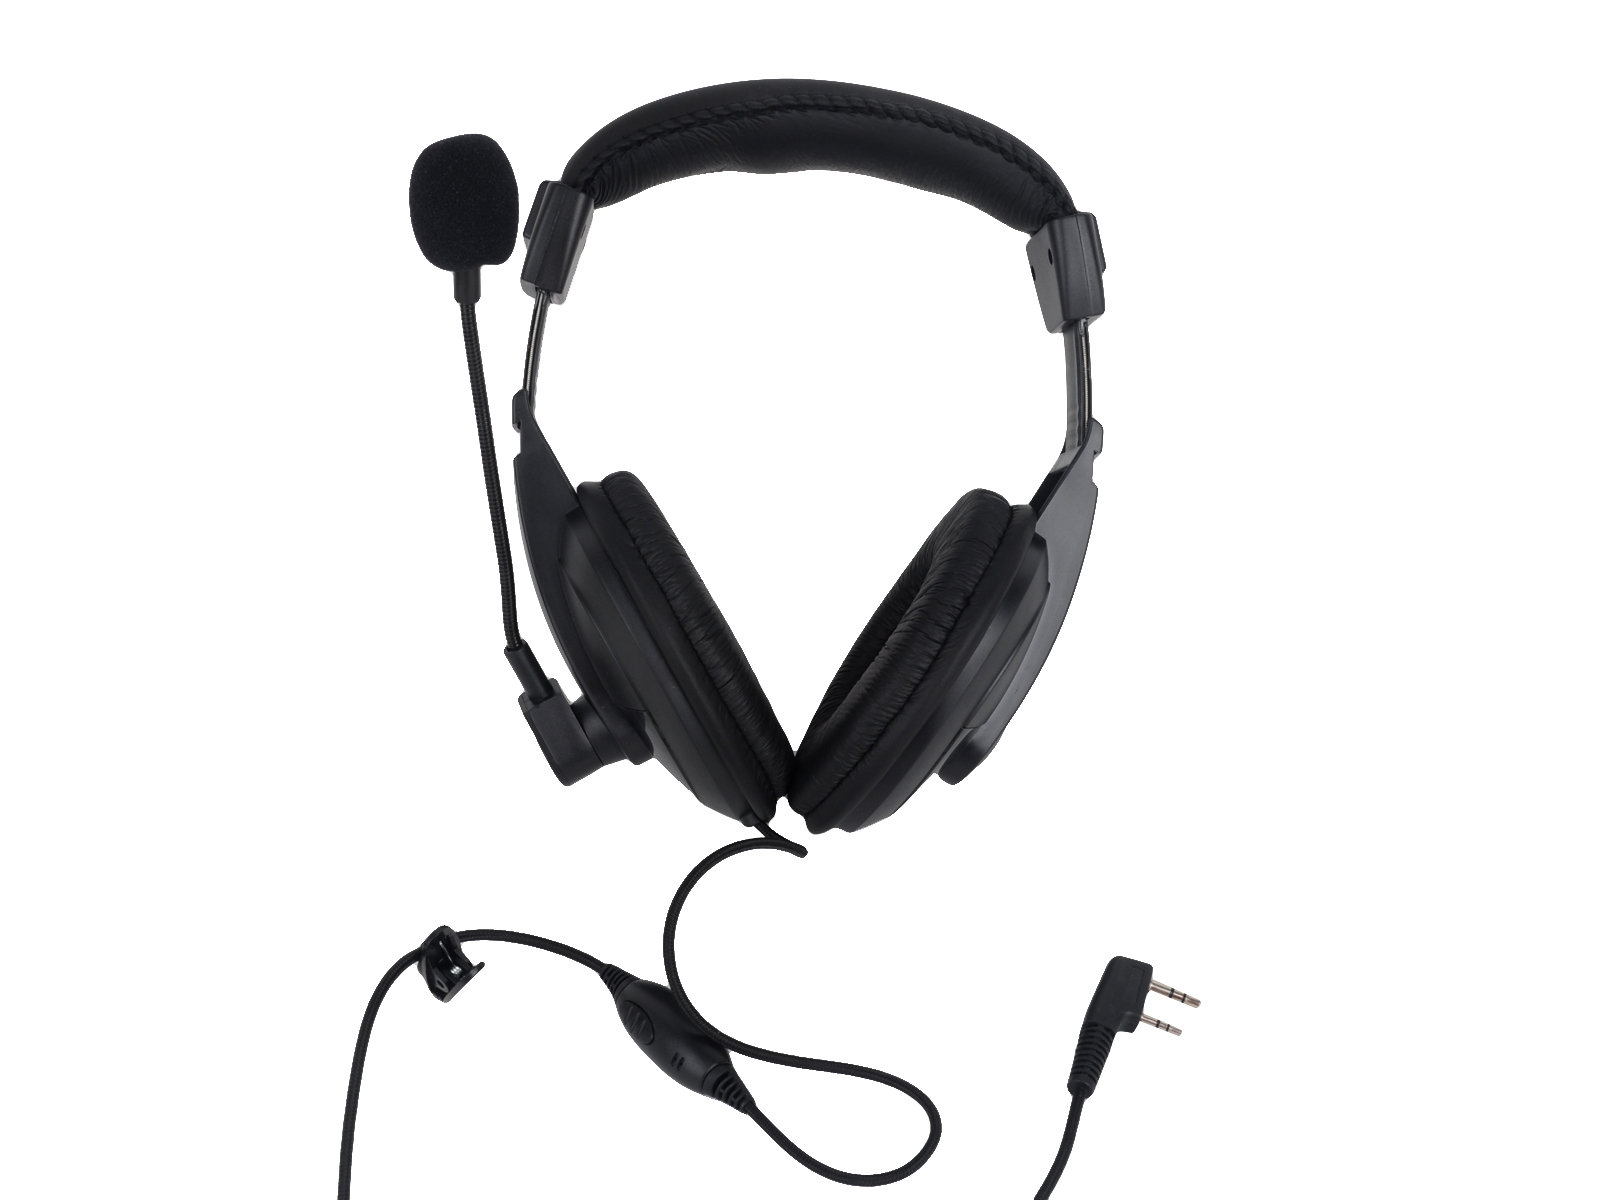 Słuchawki Specjalistyczne Baofeng K HW01 do UV 5R